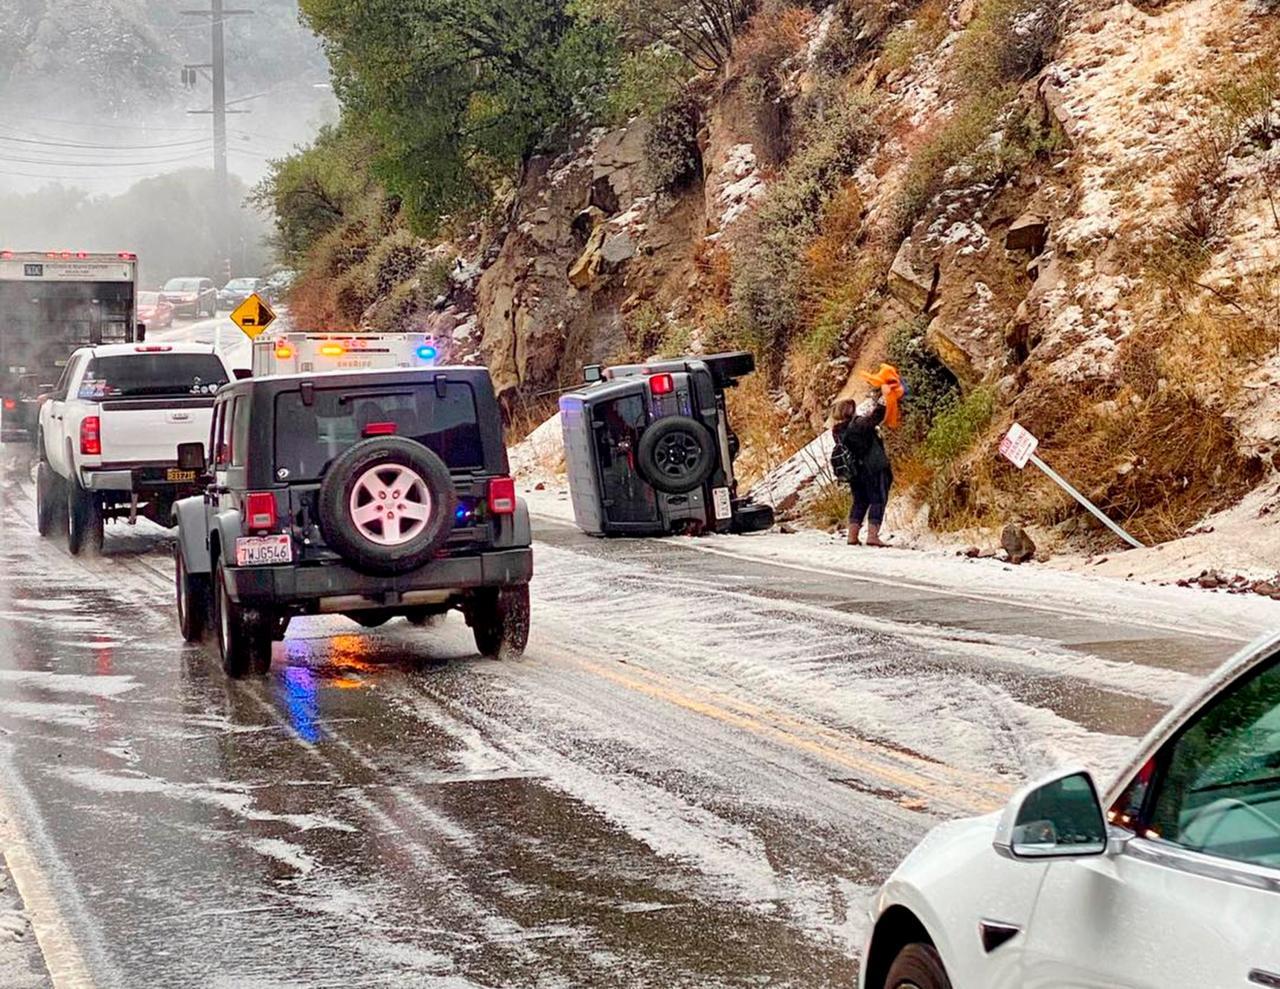 Rischio frane e smottamenti in California per il maltempo. Fonte immagine USATODAY